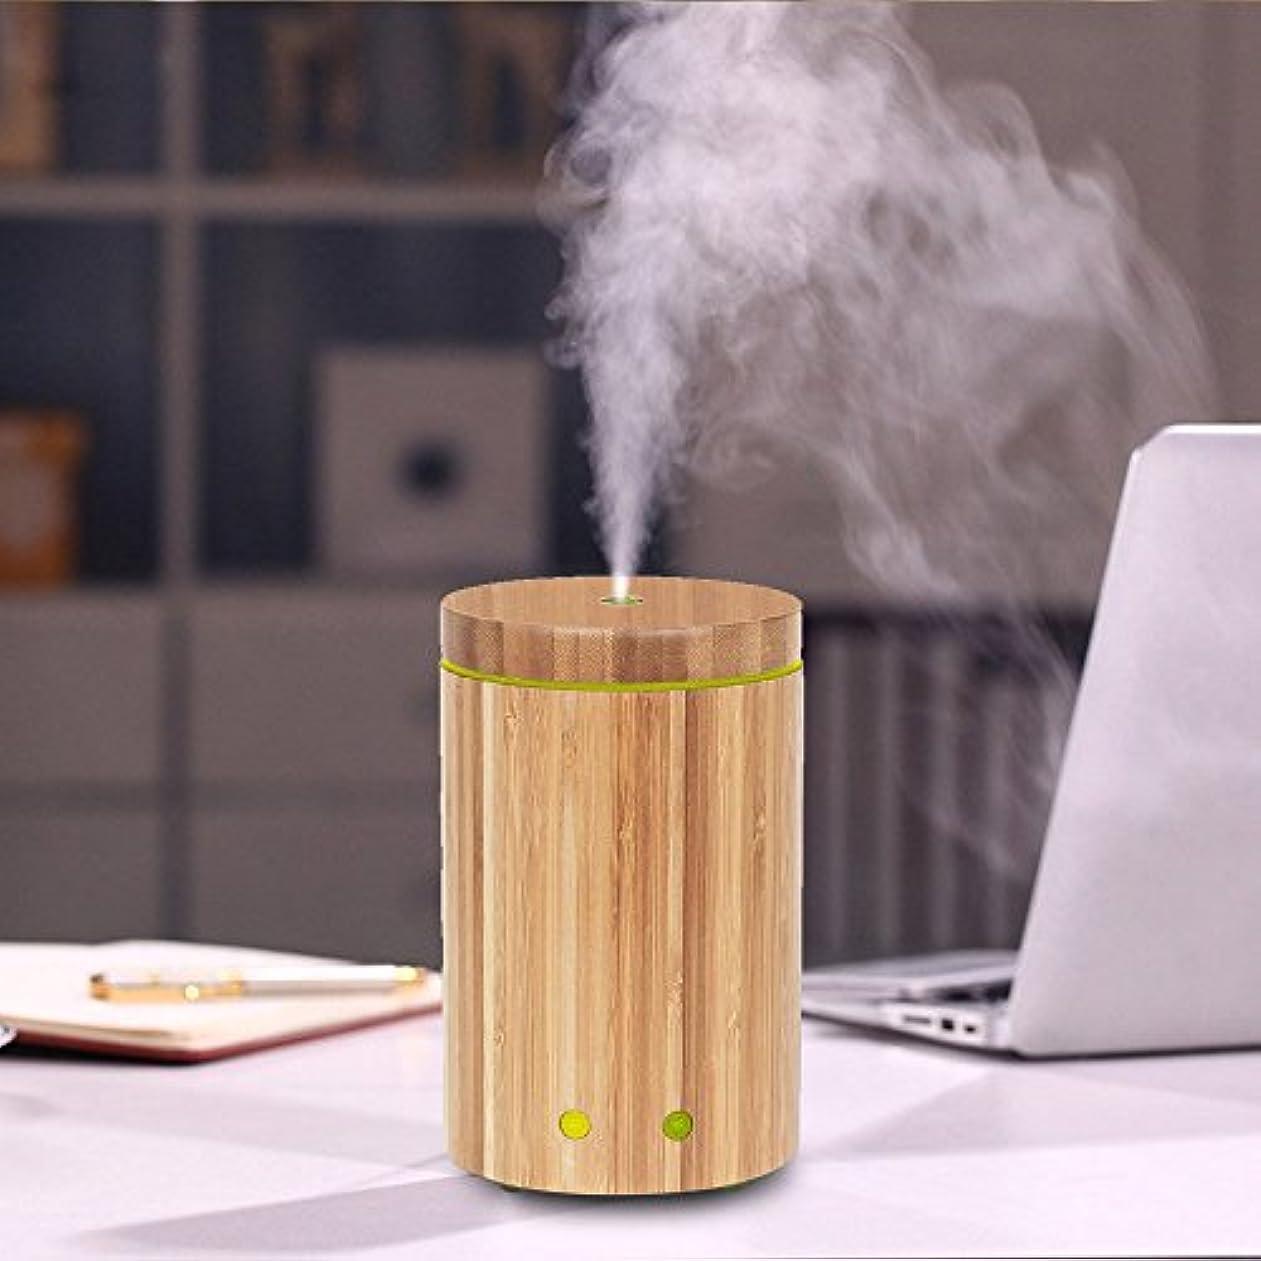 文法トレーダー収入YOUDirect Mist Humidifier - Bamboo Essential Oil Diffuser Ultrasonic Aromatherapy Air Refresher with 7 LED Color...